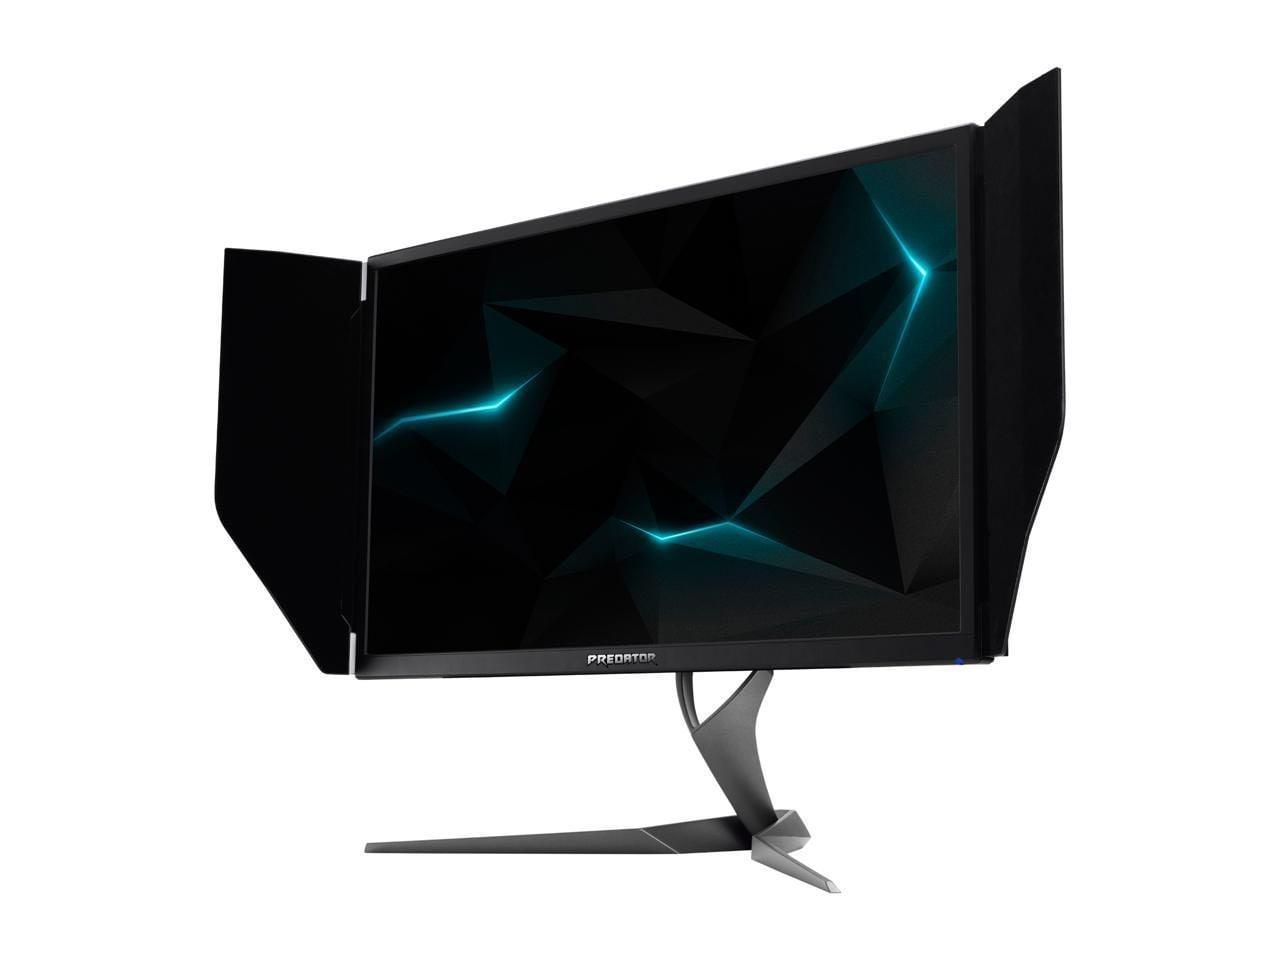 Acer Predator x27 ha tutto ciò che sognate in un monitor: 4K, HDR, 144 Hz e G-Sync (foto)